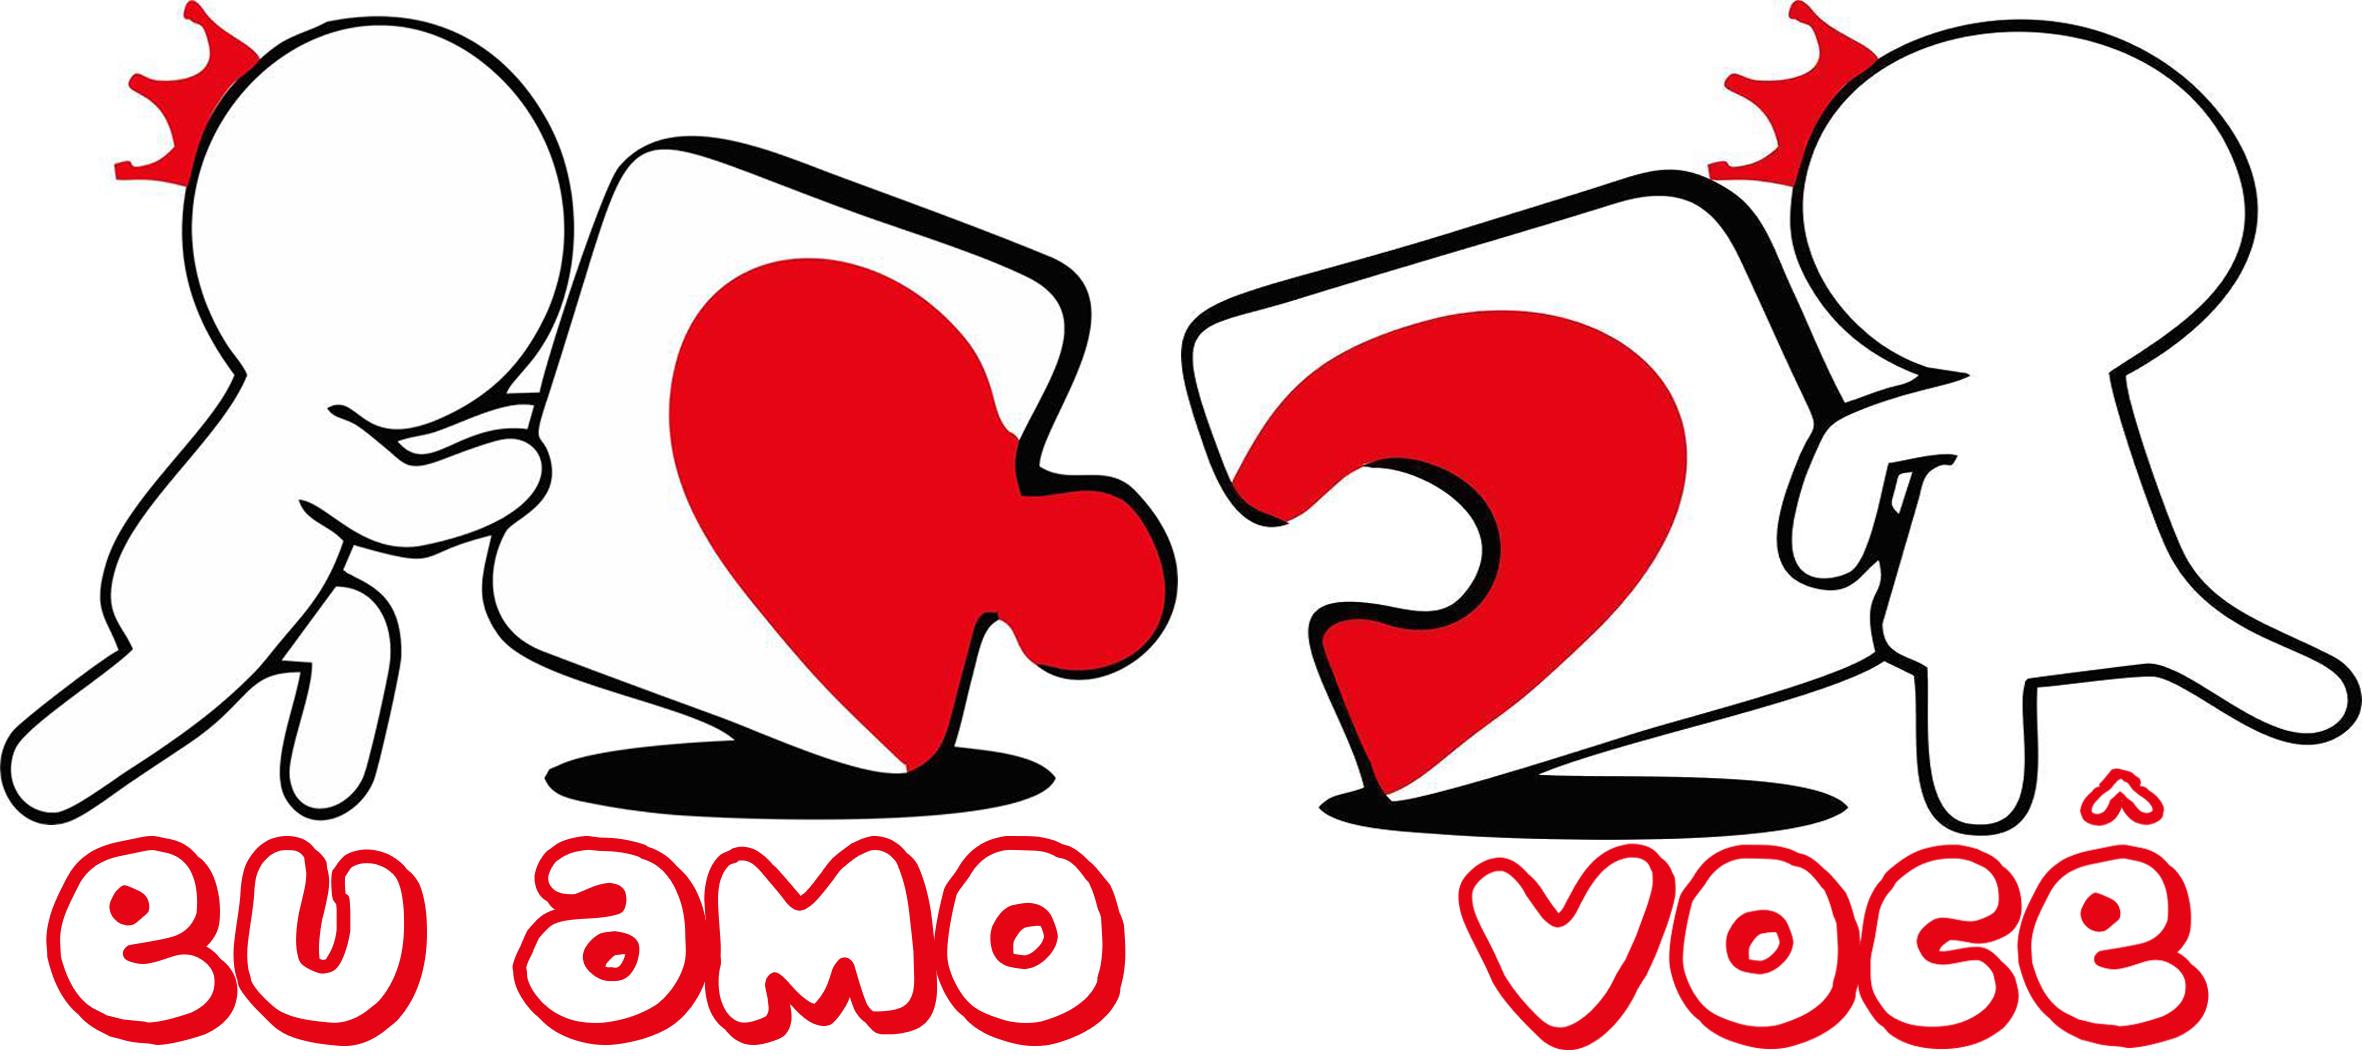 Dragon Head Templates Detailed For A Router: Imagens De Desenhos De Namorados Com Frases